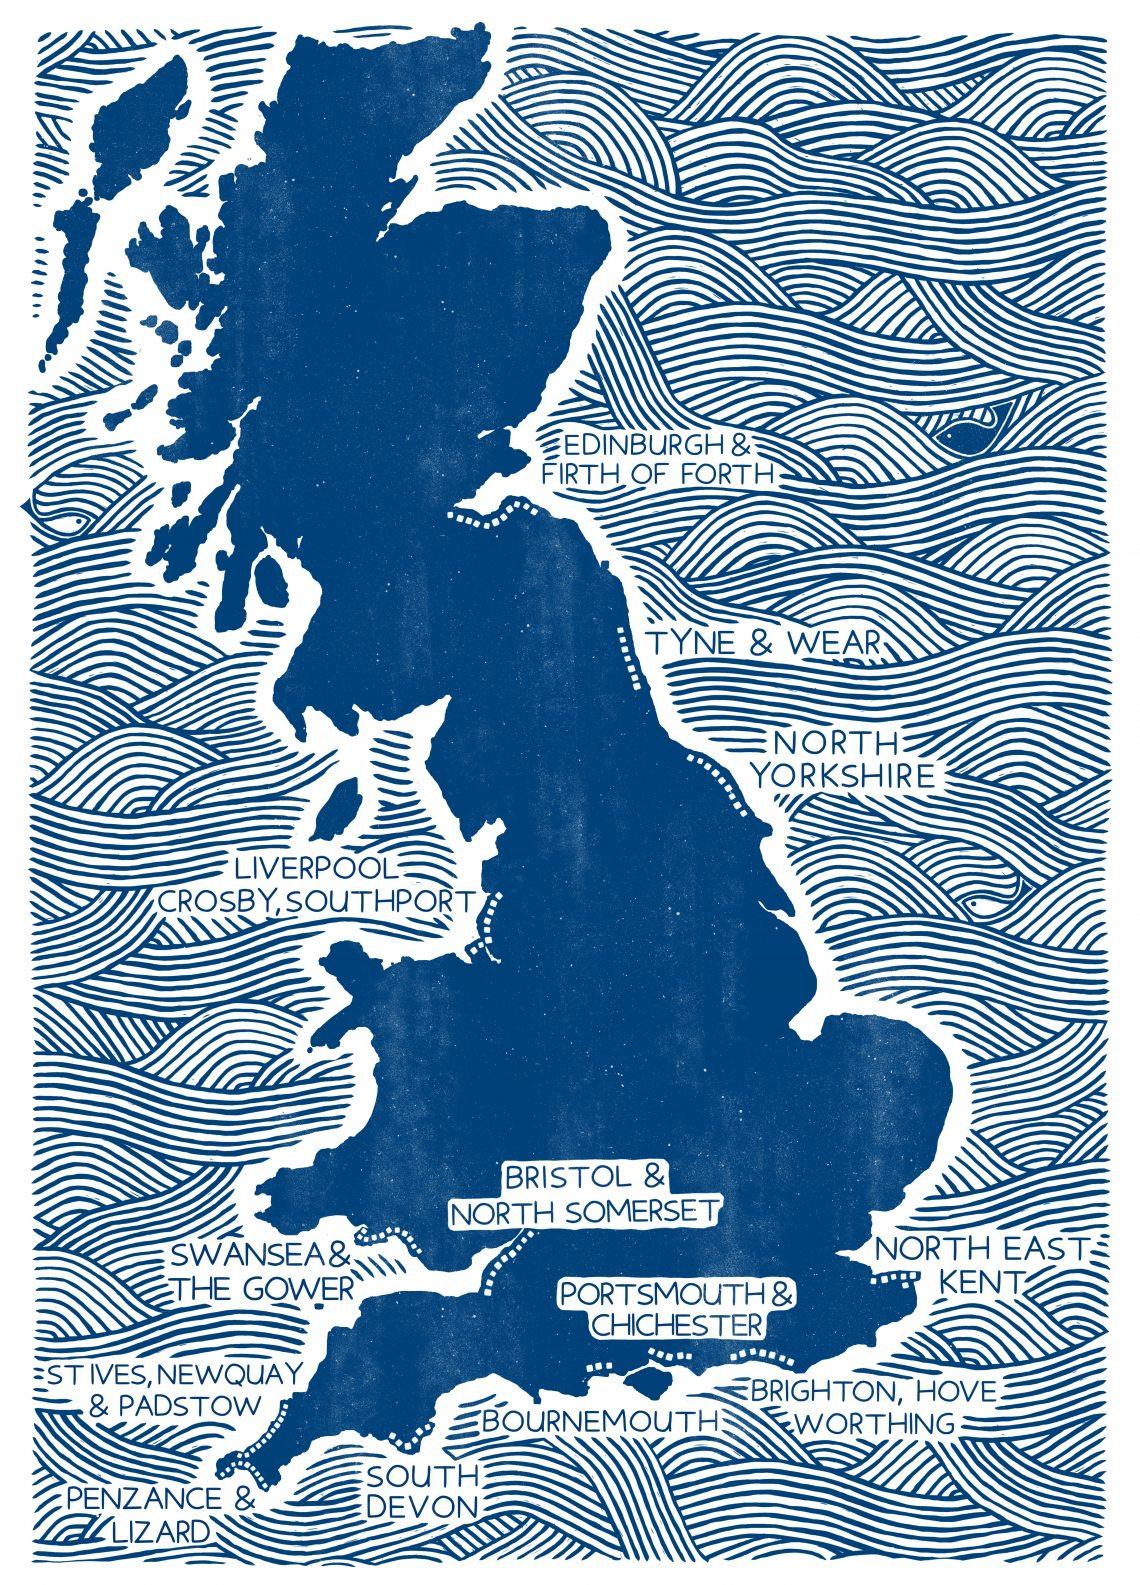 U.K. tide wall chart locations